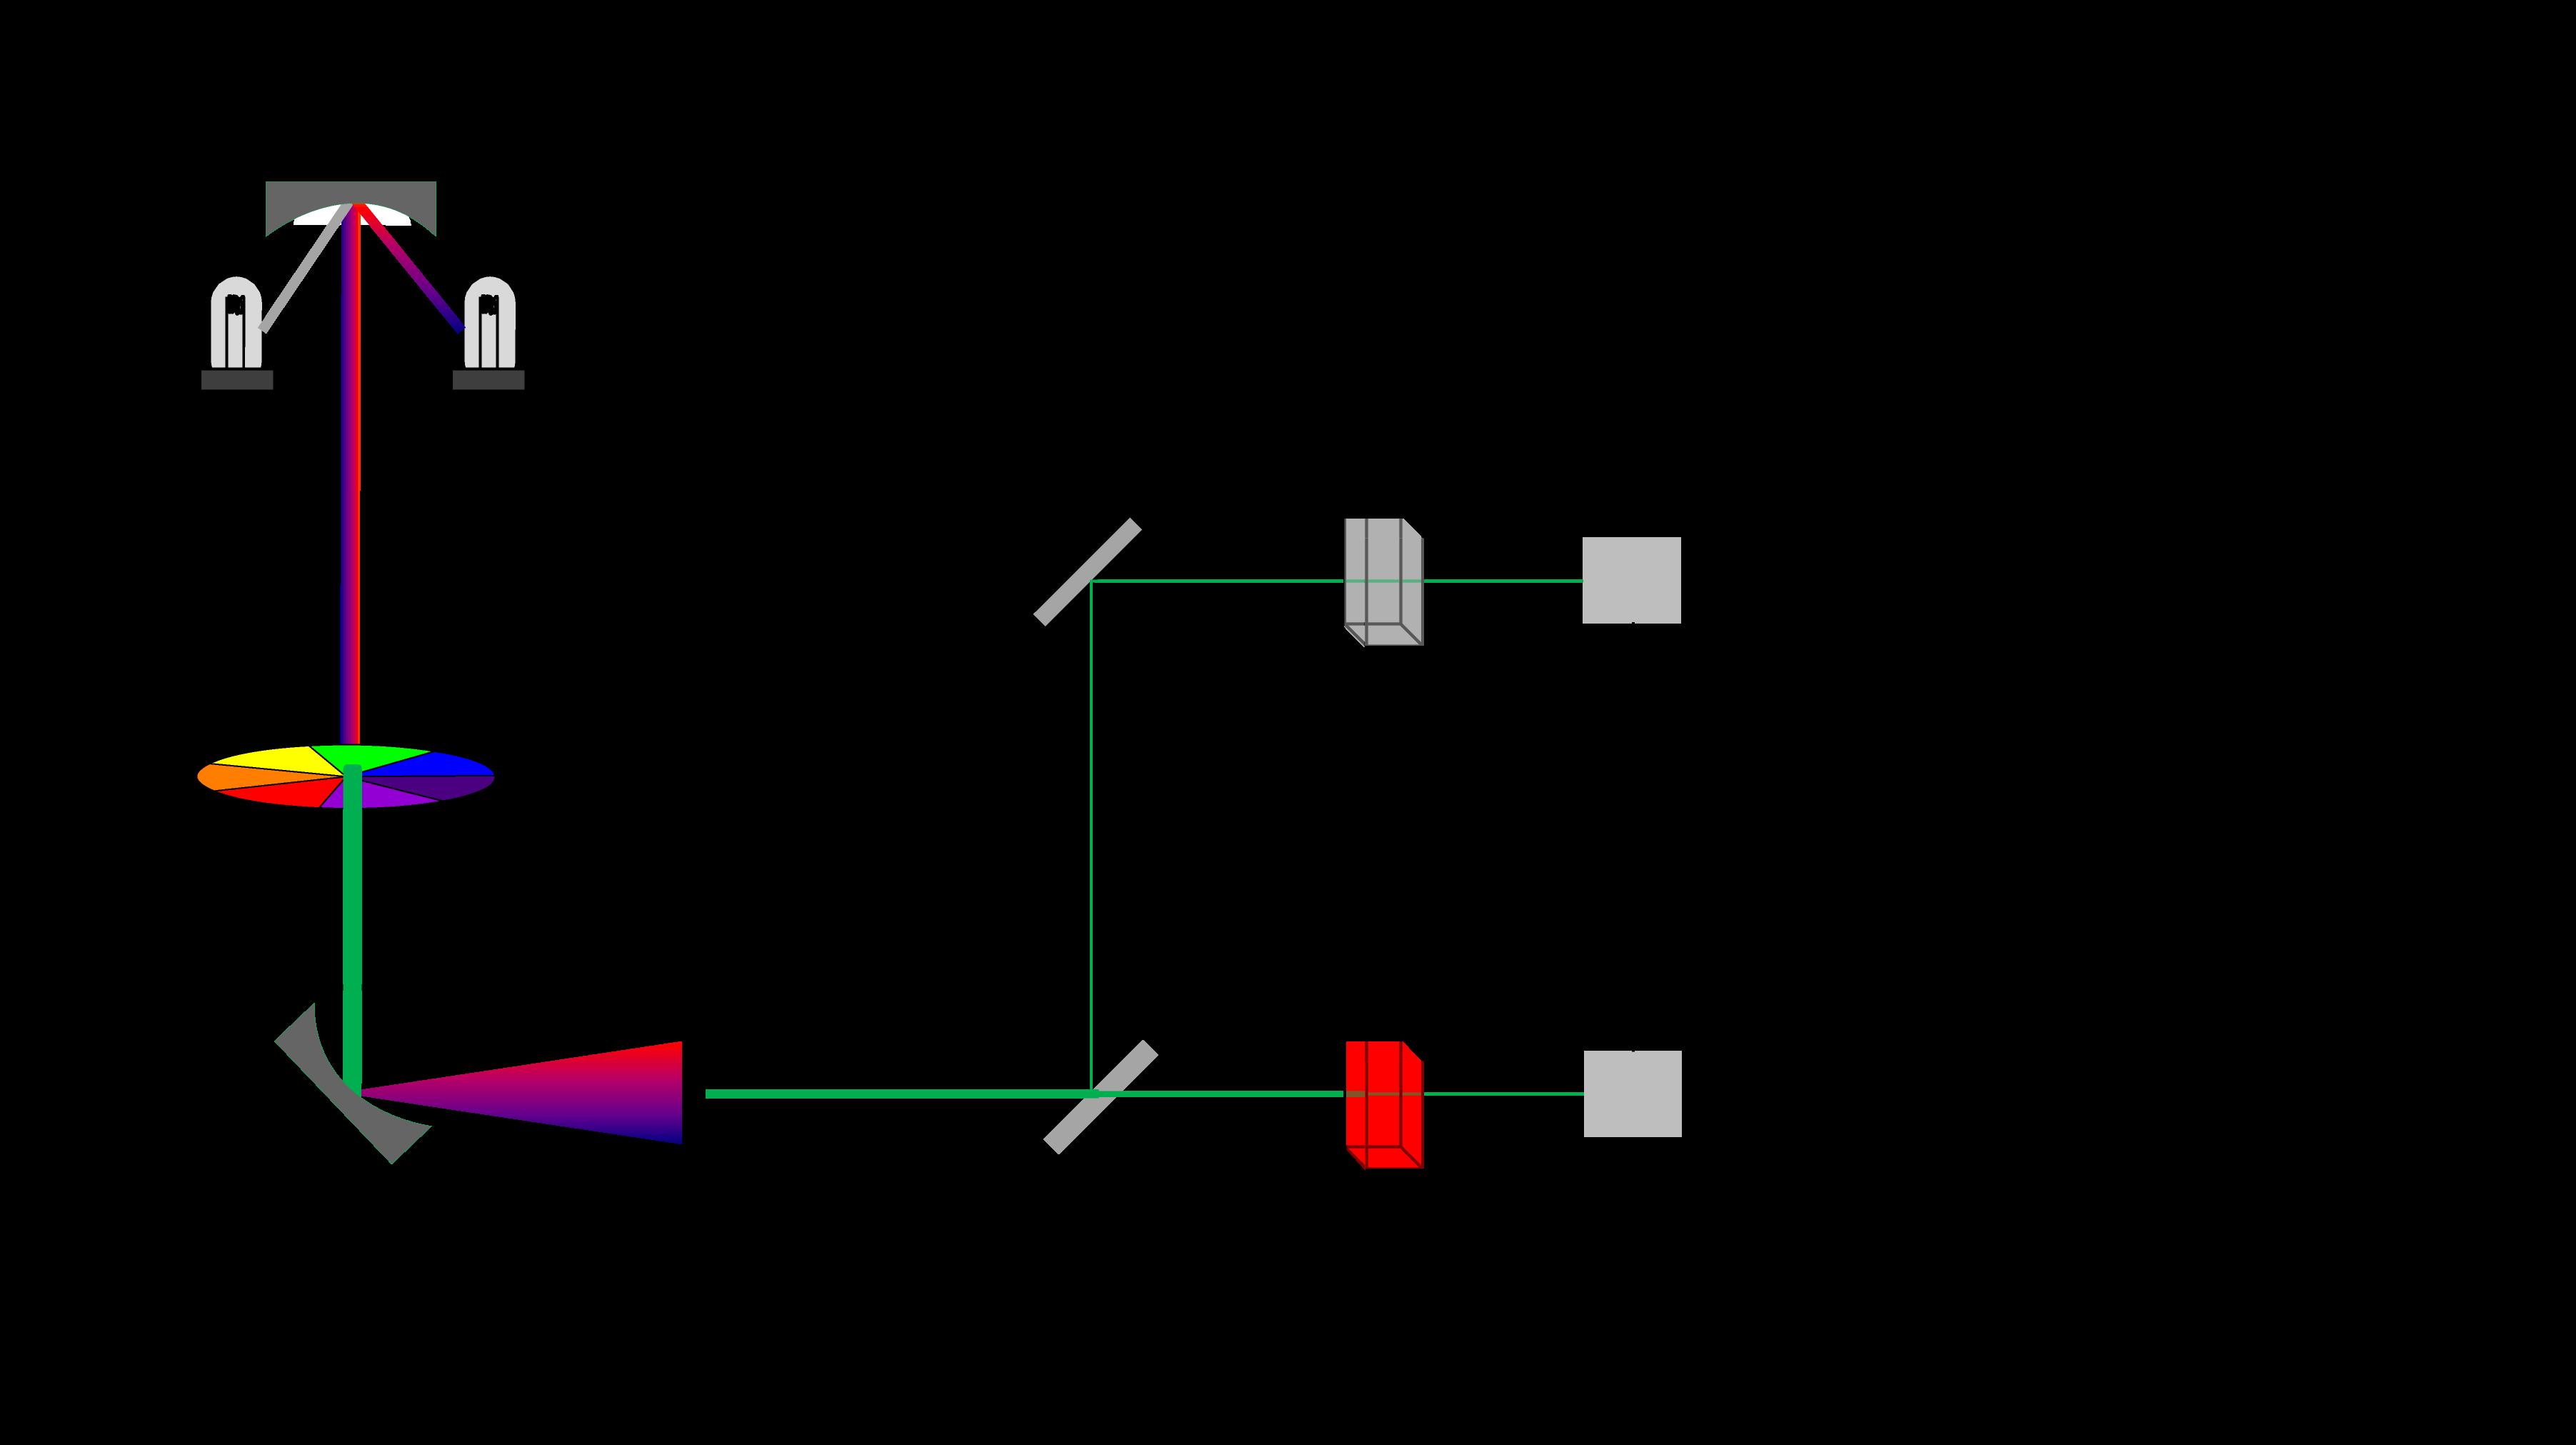 spettrofotometro per un clonaggio